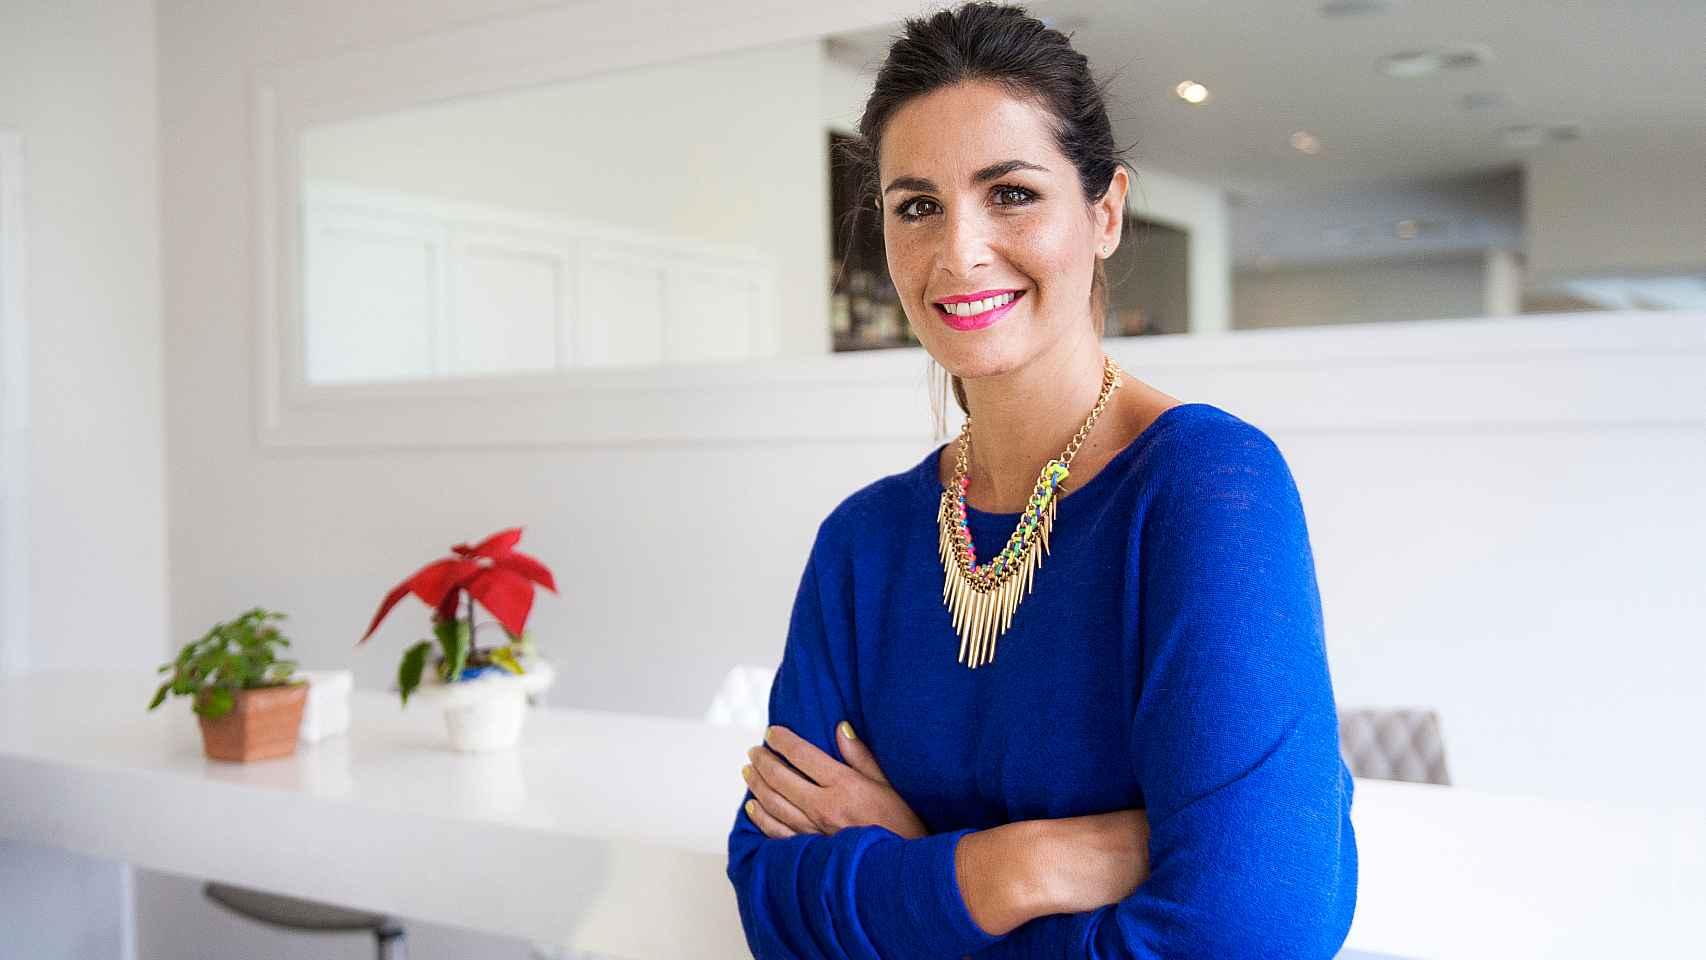 Nuria Roca está viviendo un gran momento televisivo y teatral en su carrera profesional.